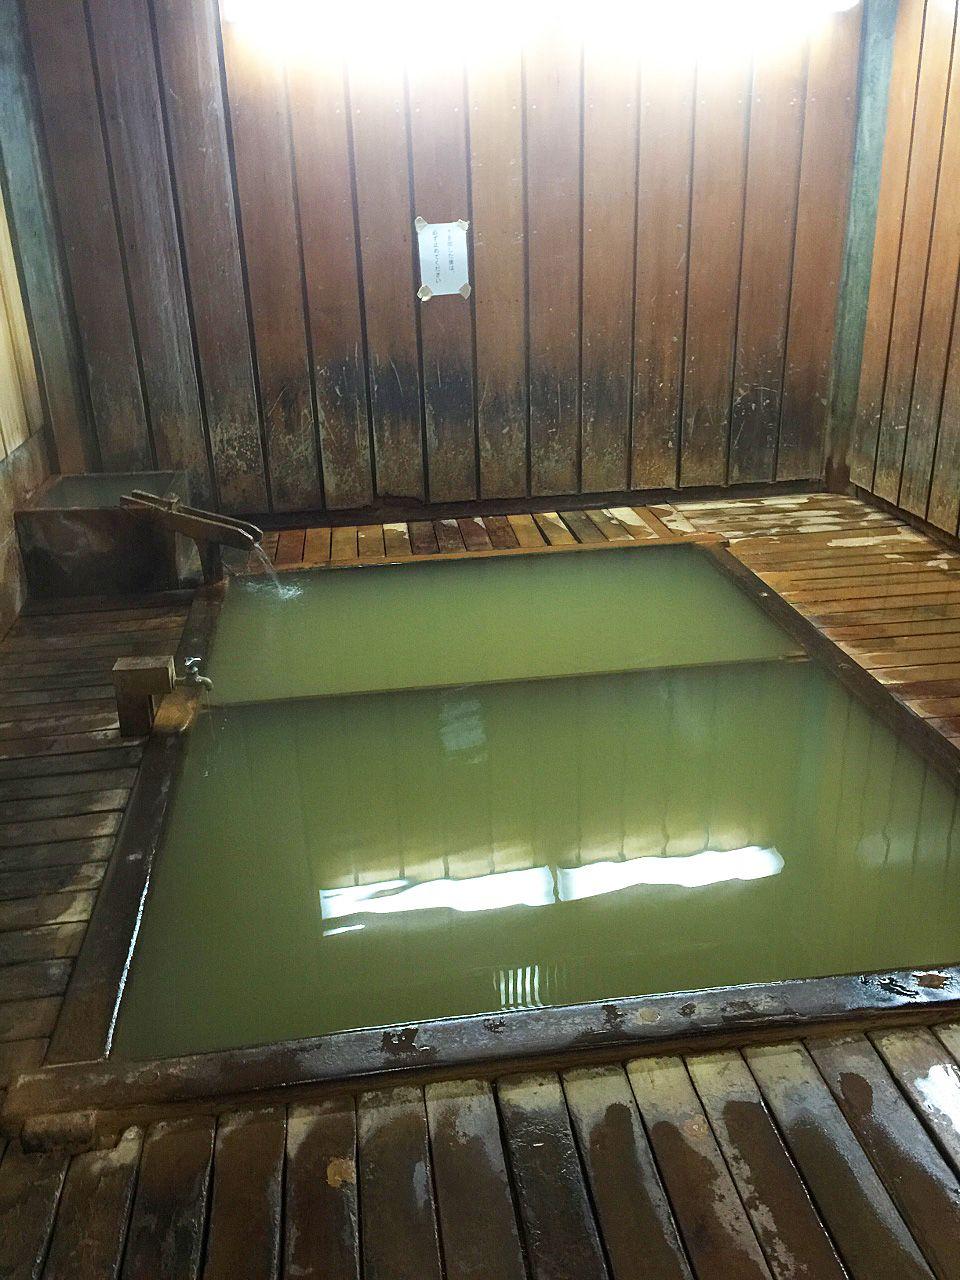 人も猿も温泉大好き!源泉掛け流しの渋温泉を愉しむ